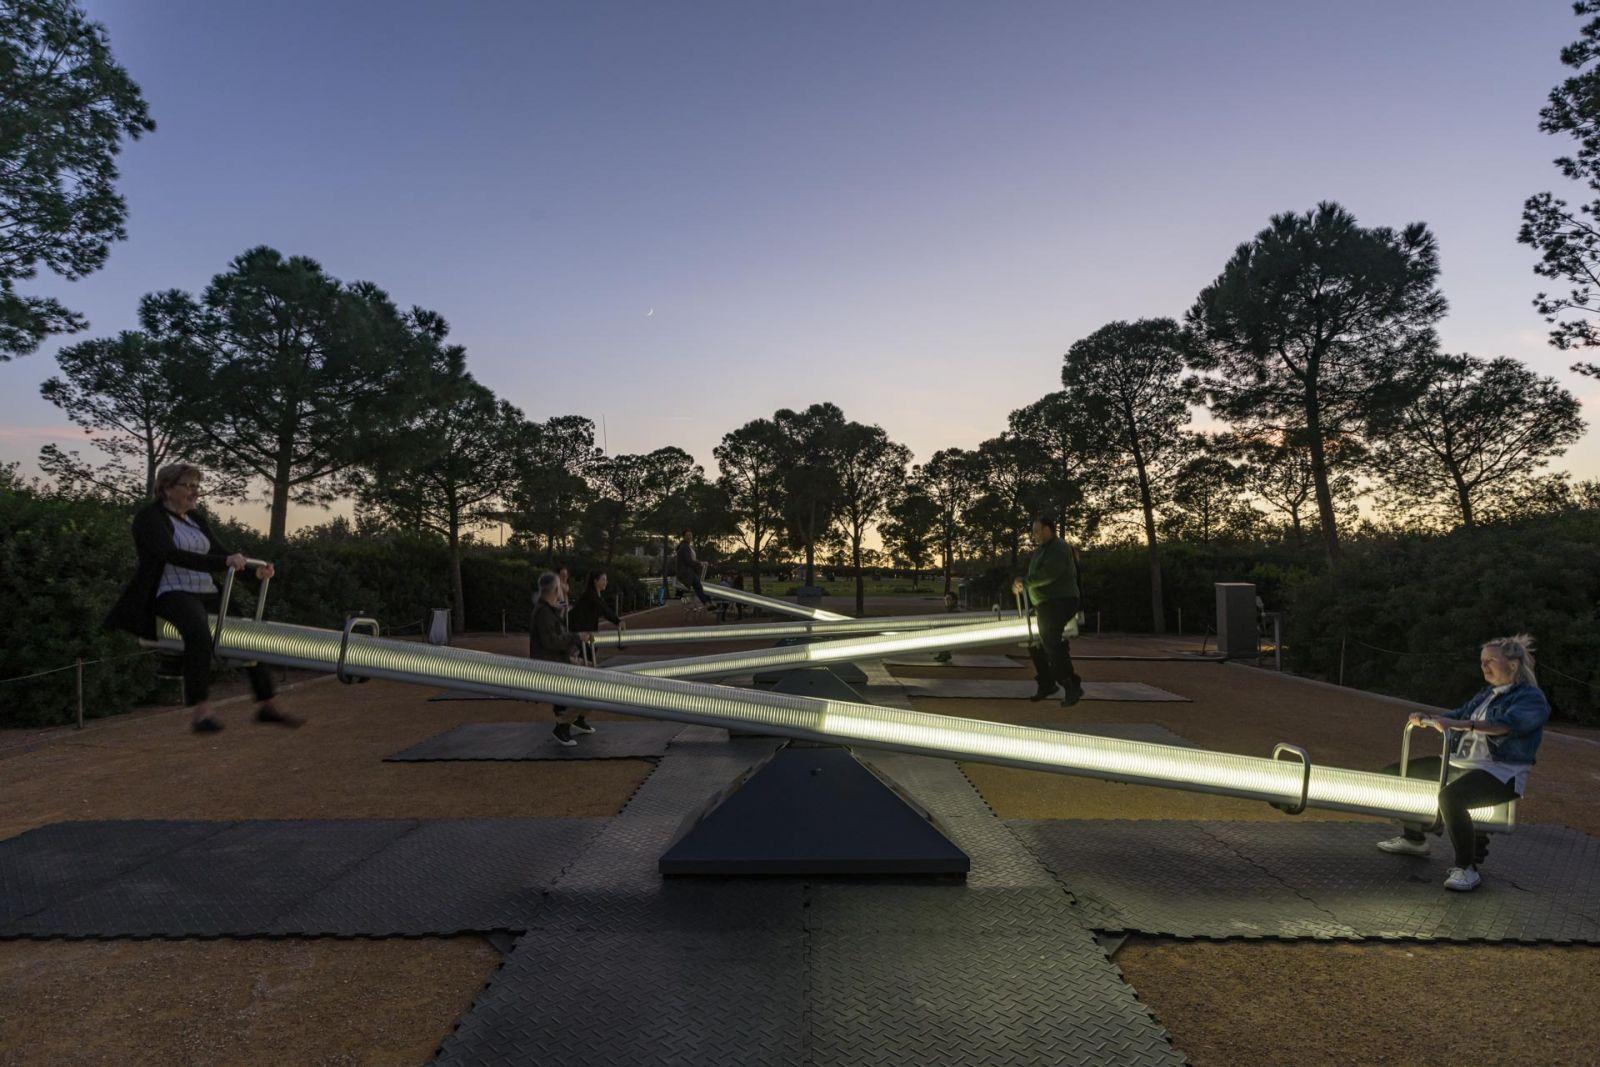 Φωτογραφία από τη φωτεινή εγκατάσταση The Wave-Field στο Πάρκο Σταύρος Νιάρχος